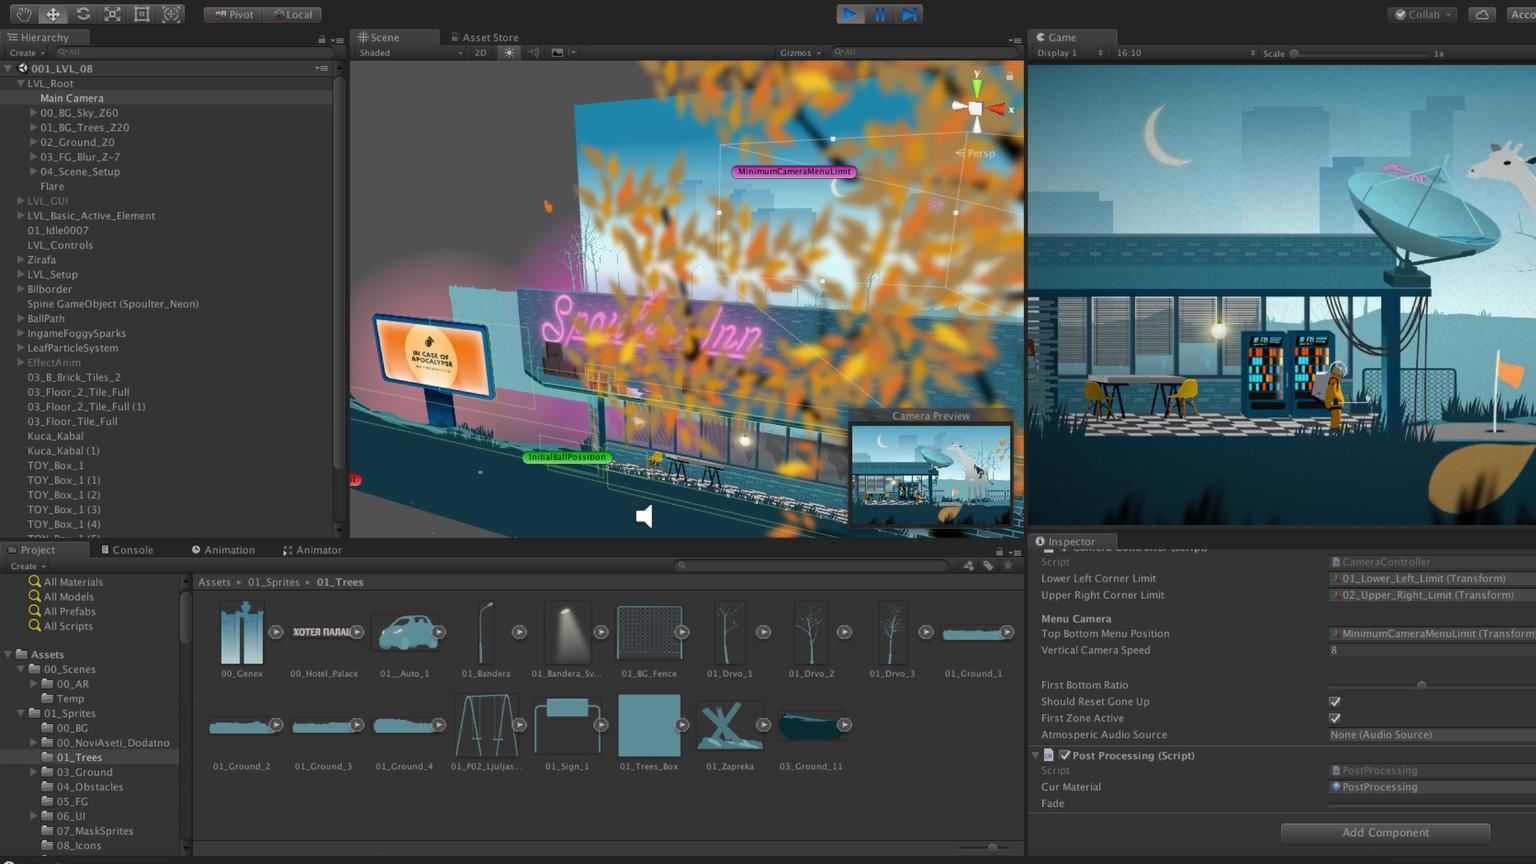 Unity Web Player 5 3 8 (64-bit) - скачать бесплатно Юнити